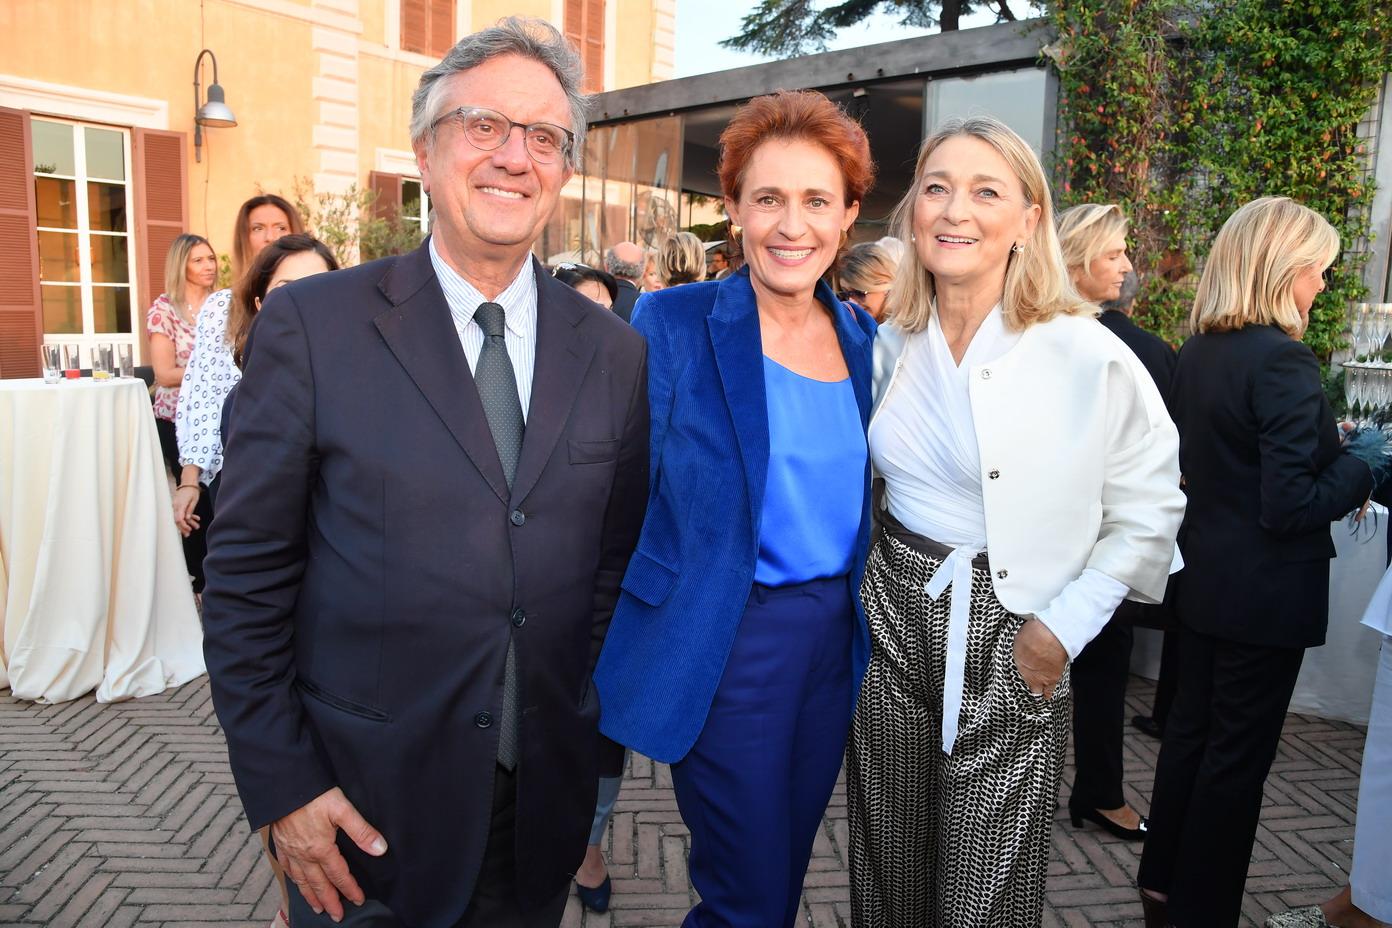 Paolo Conti, Federica Tittarelli, Maria Cristina Finucci